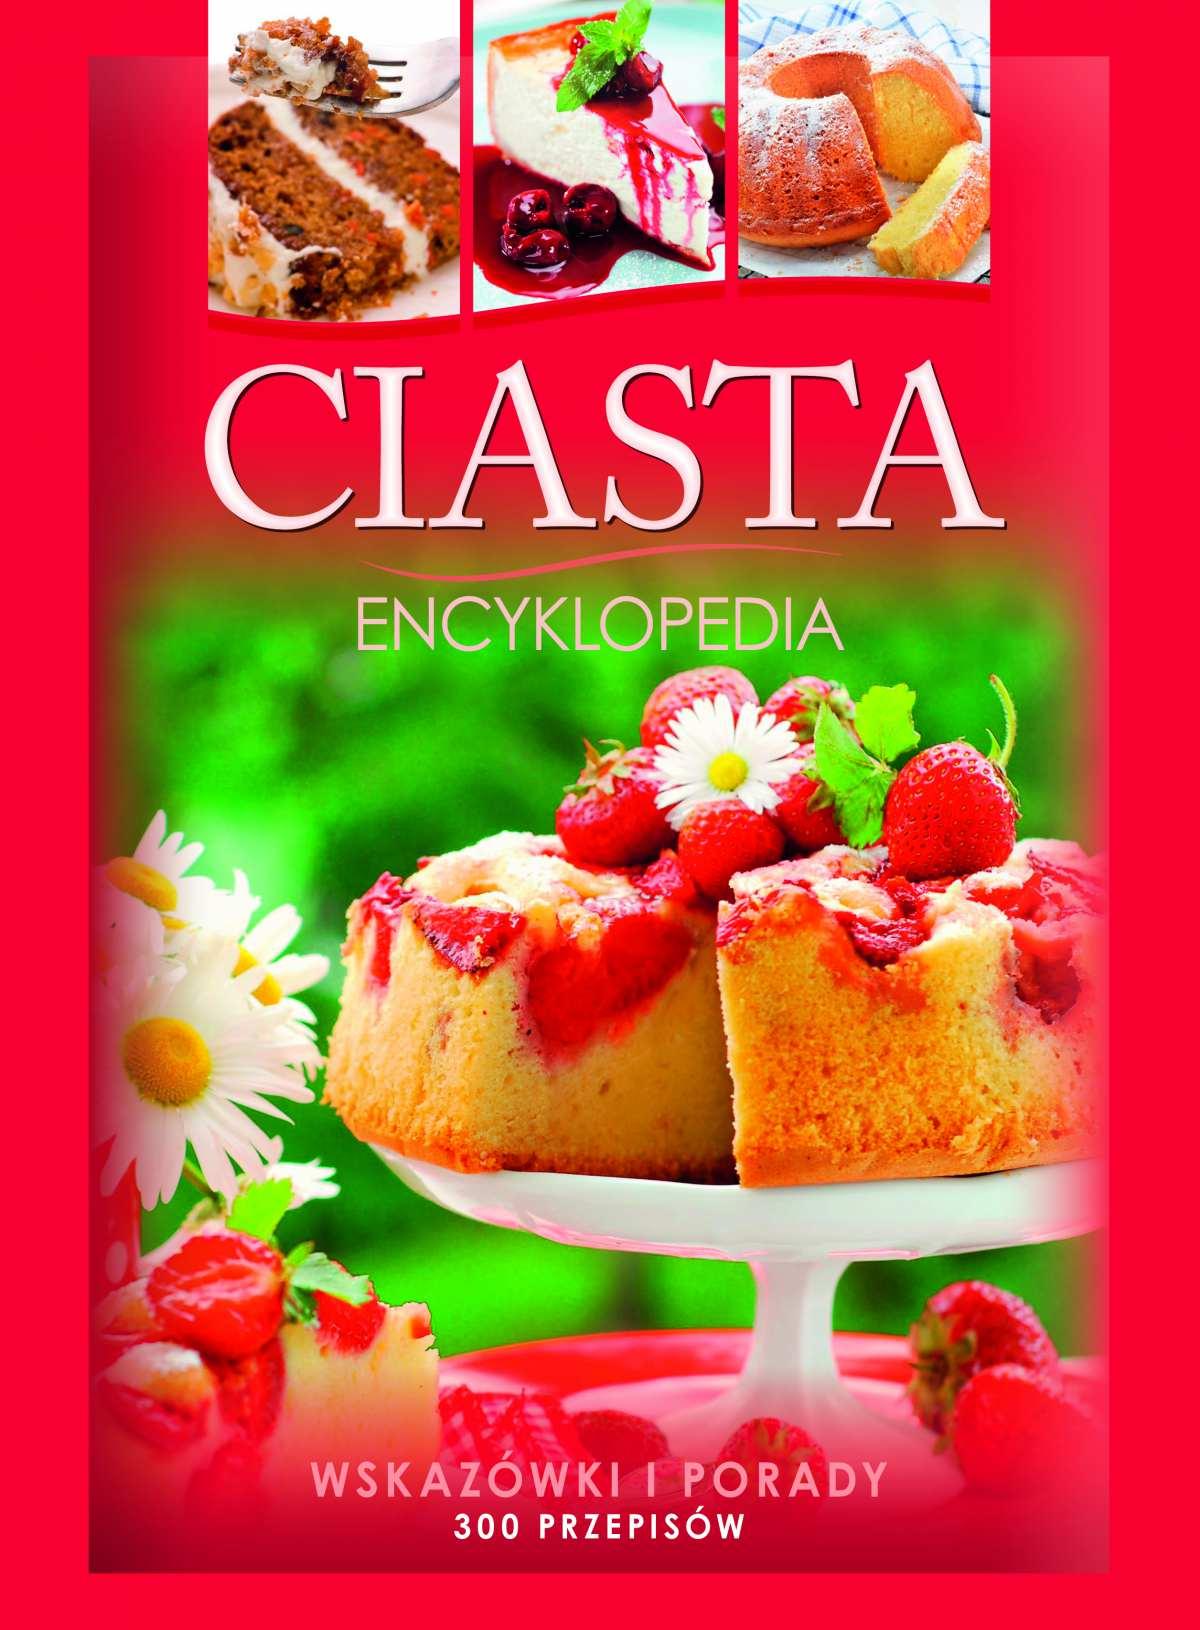 Ciasta. Encyklopedia - Ebook (Książka PDF) do pobrania w formacie PDF